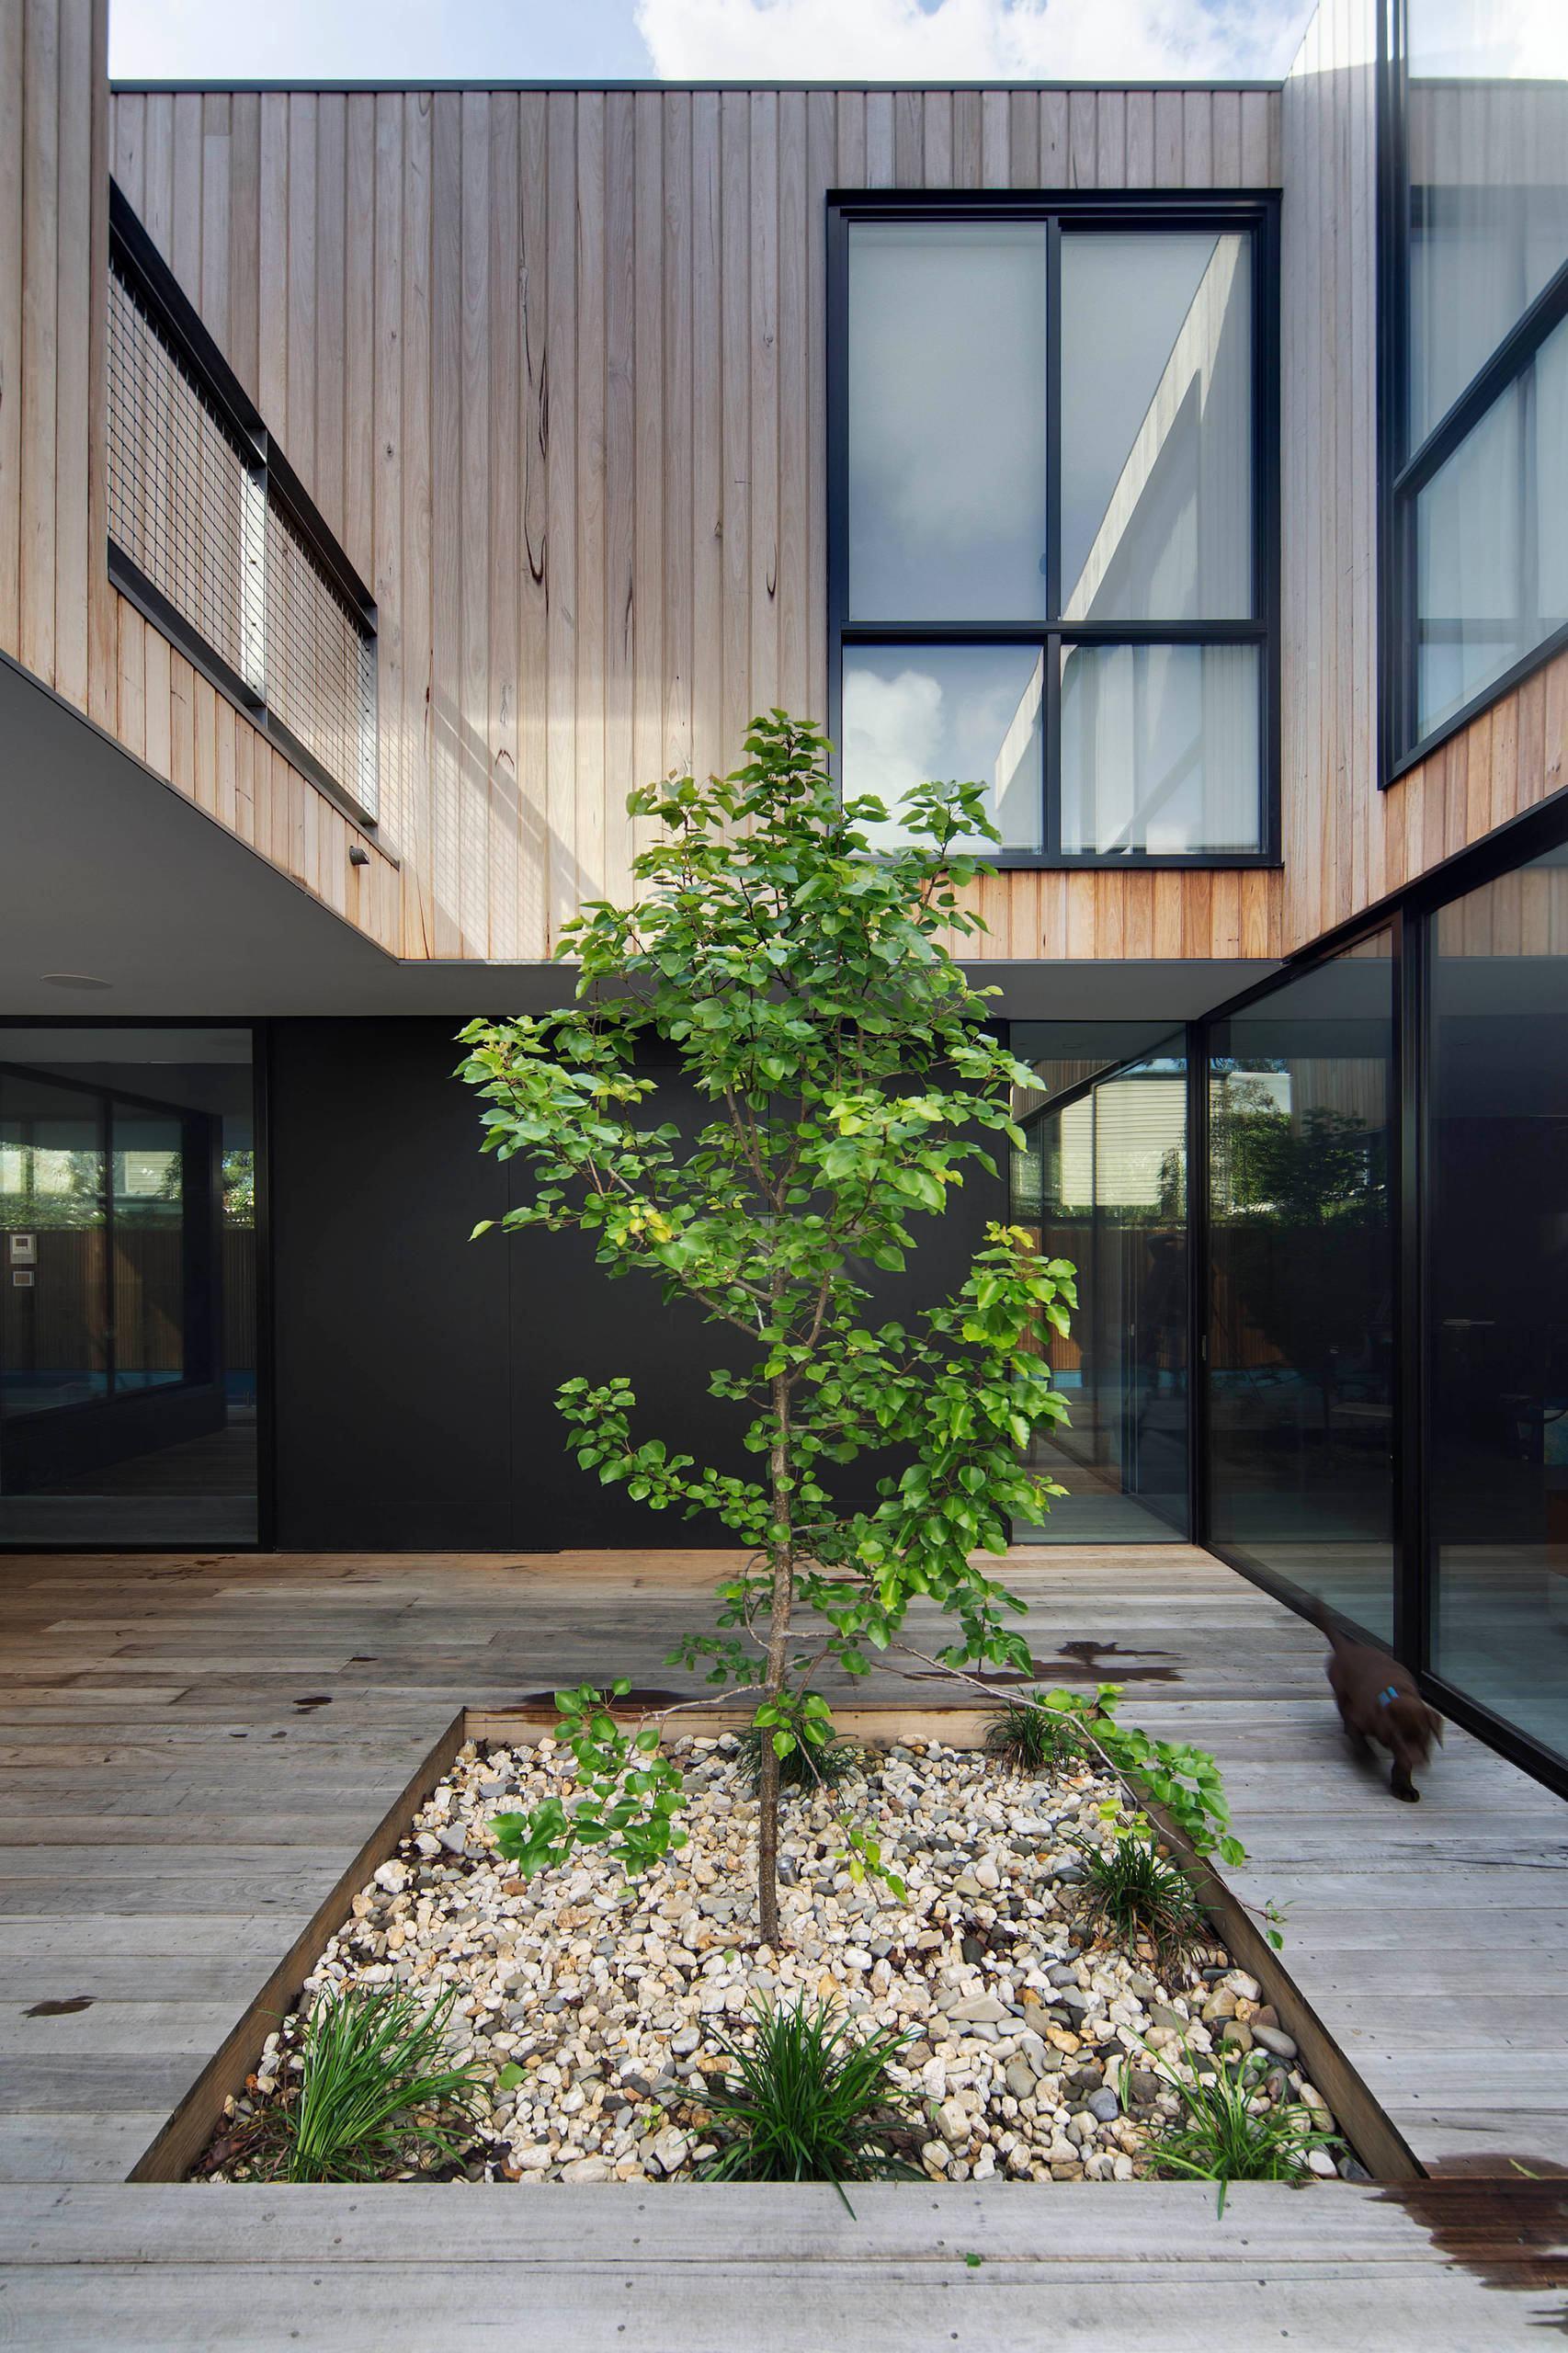 Jardim em vão central externo da residência